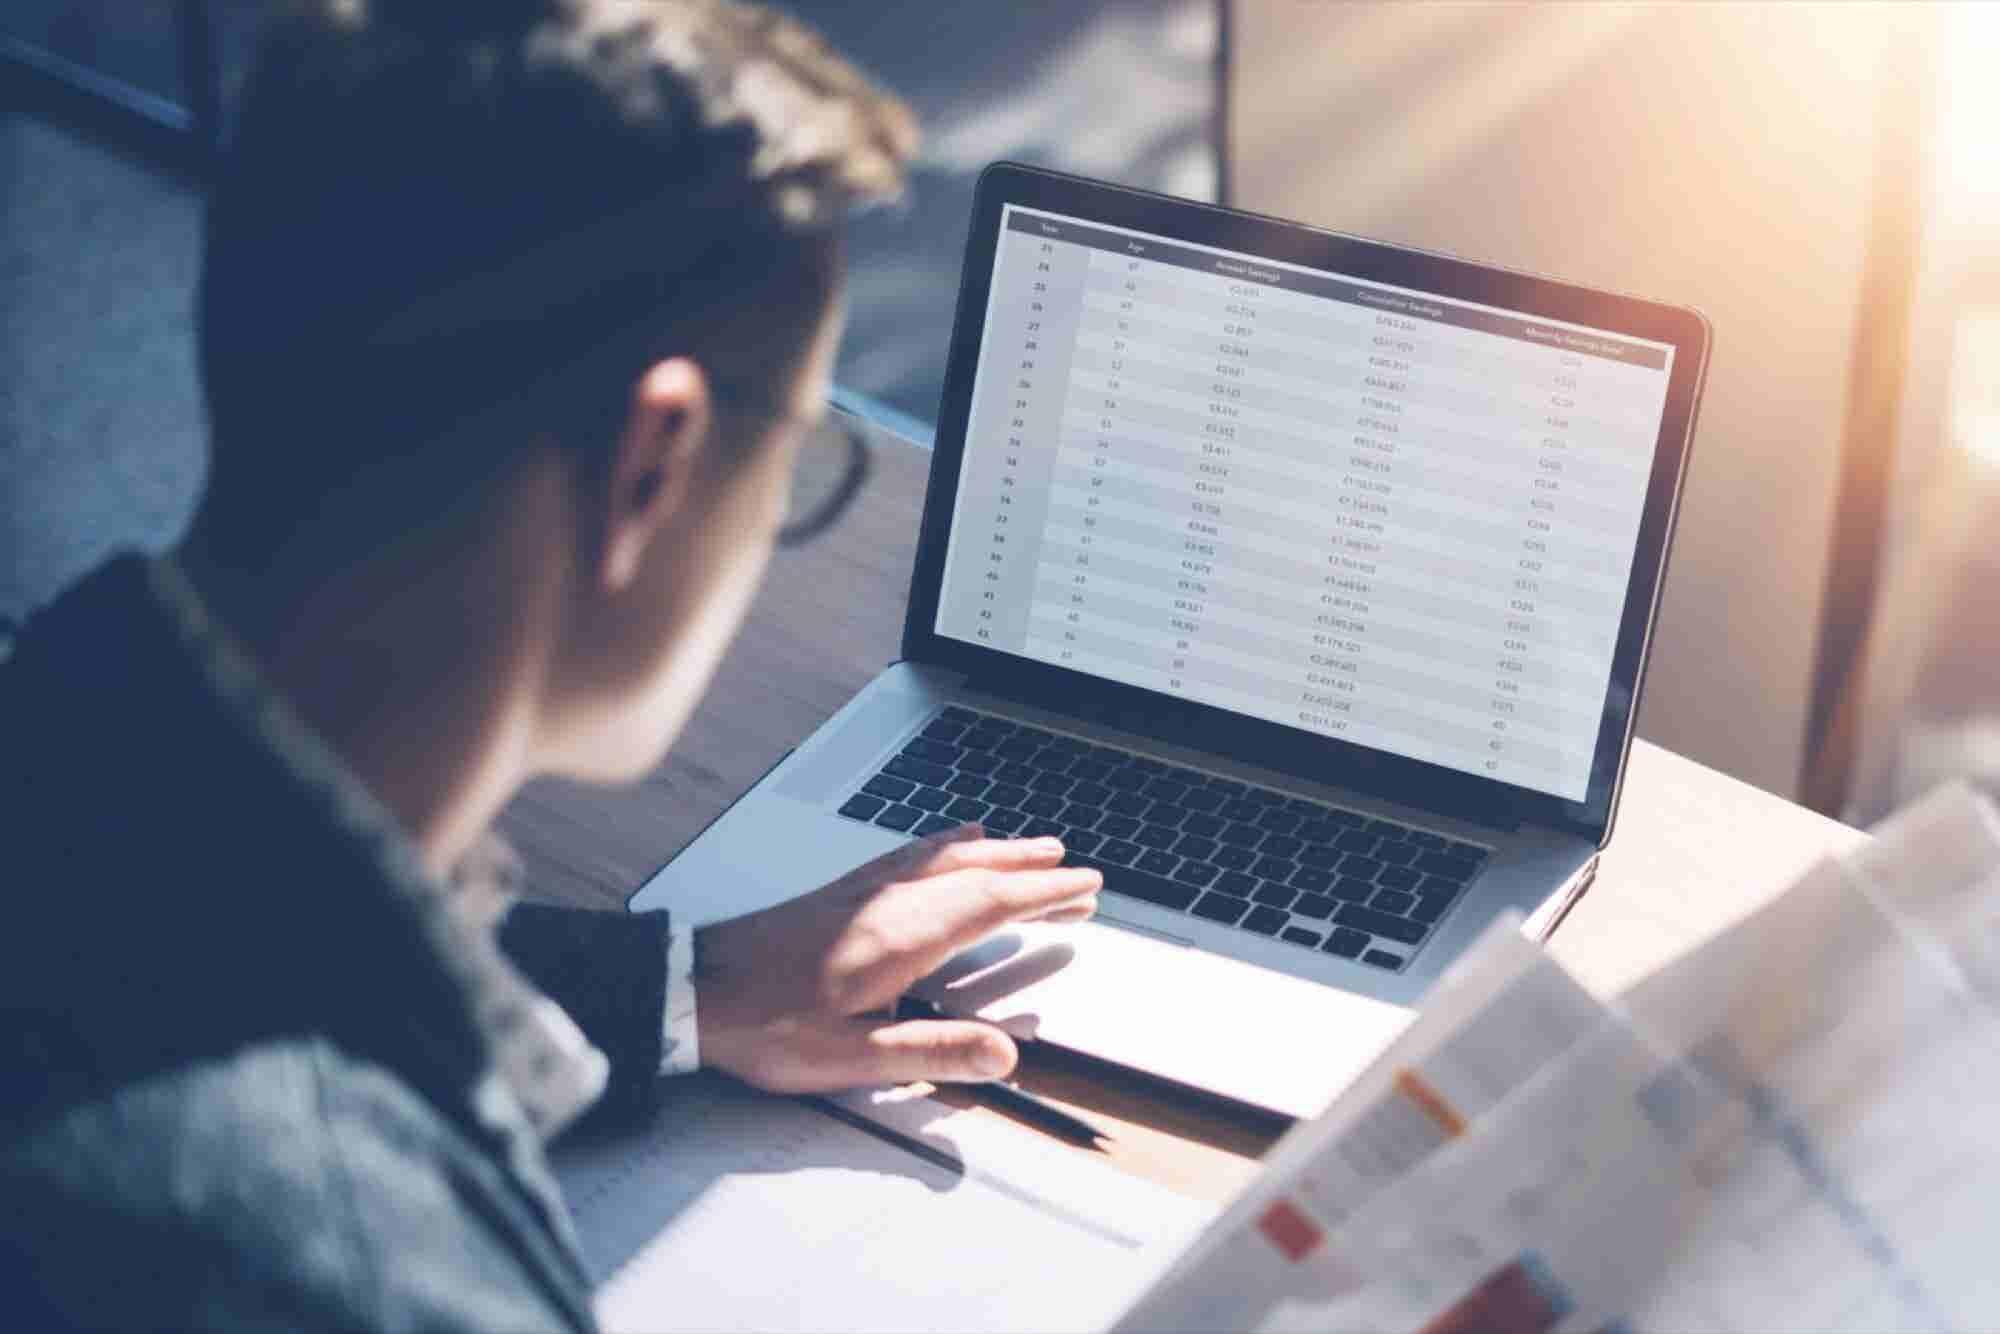 ¿Cómo invertir en la Bolsa de Valores? Guía básica y consejos